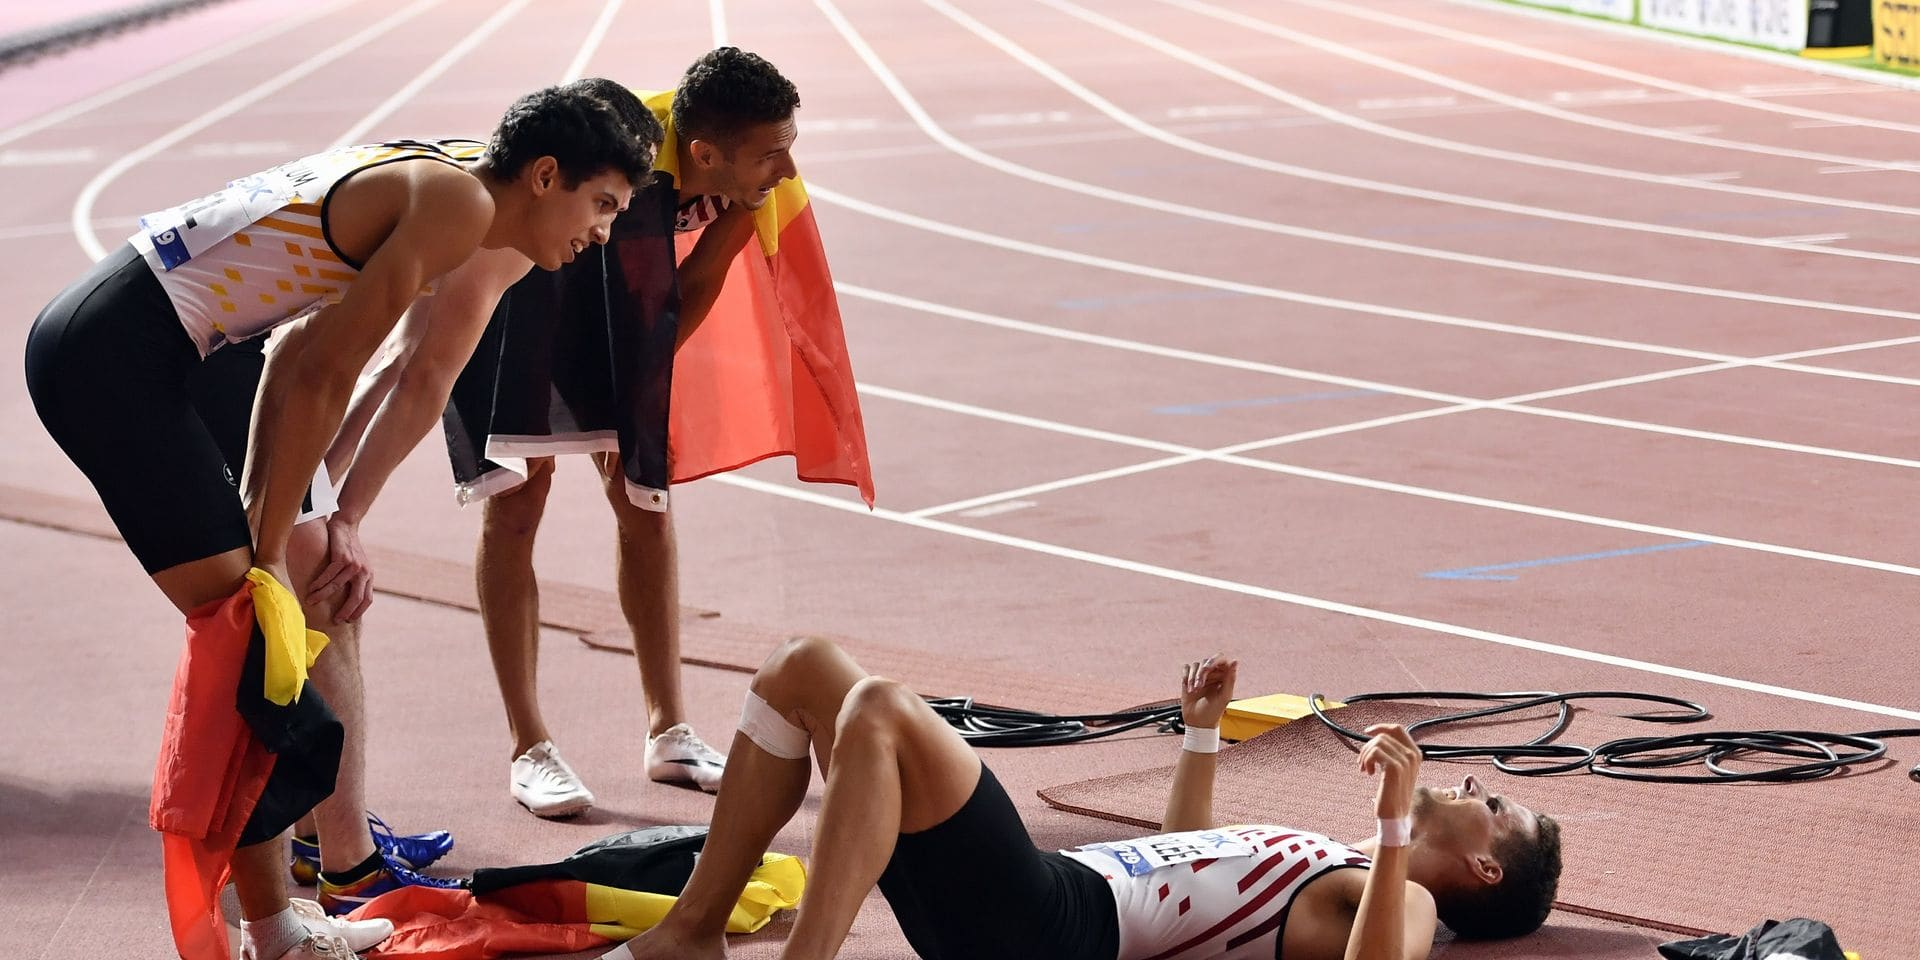 Les Belgian Tornados terminent à la quatrième place du relais 4x400 mètres, la Belgique quitte Torun avec 5 médailles